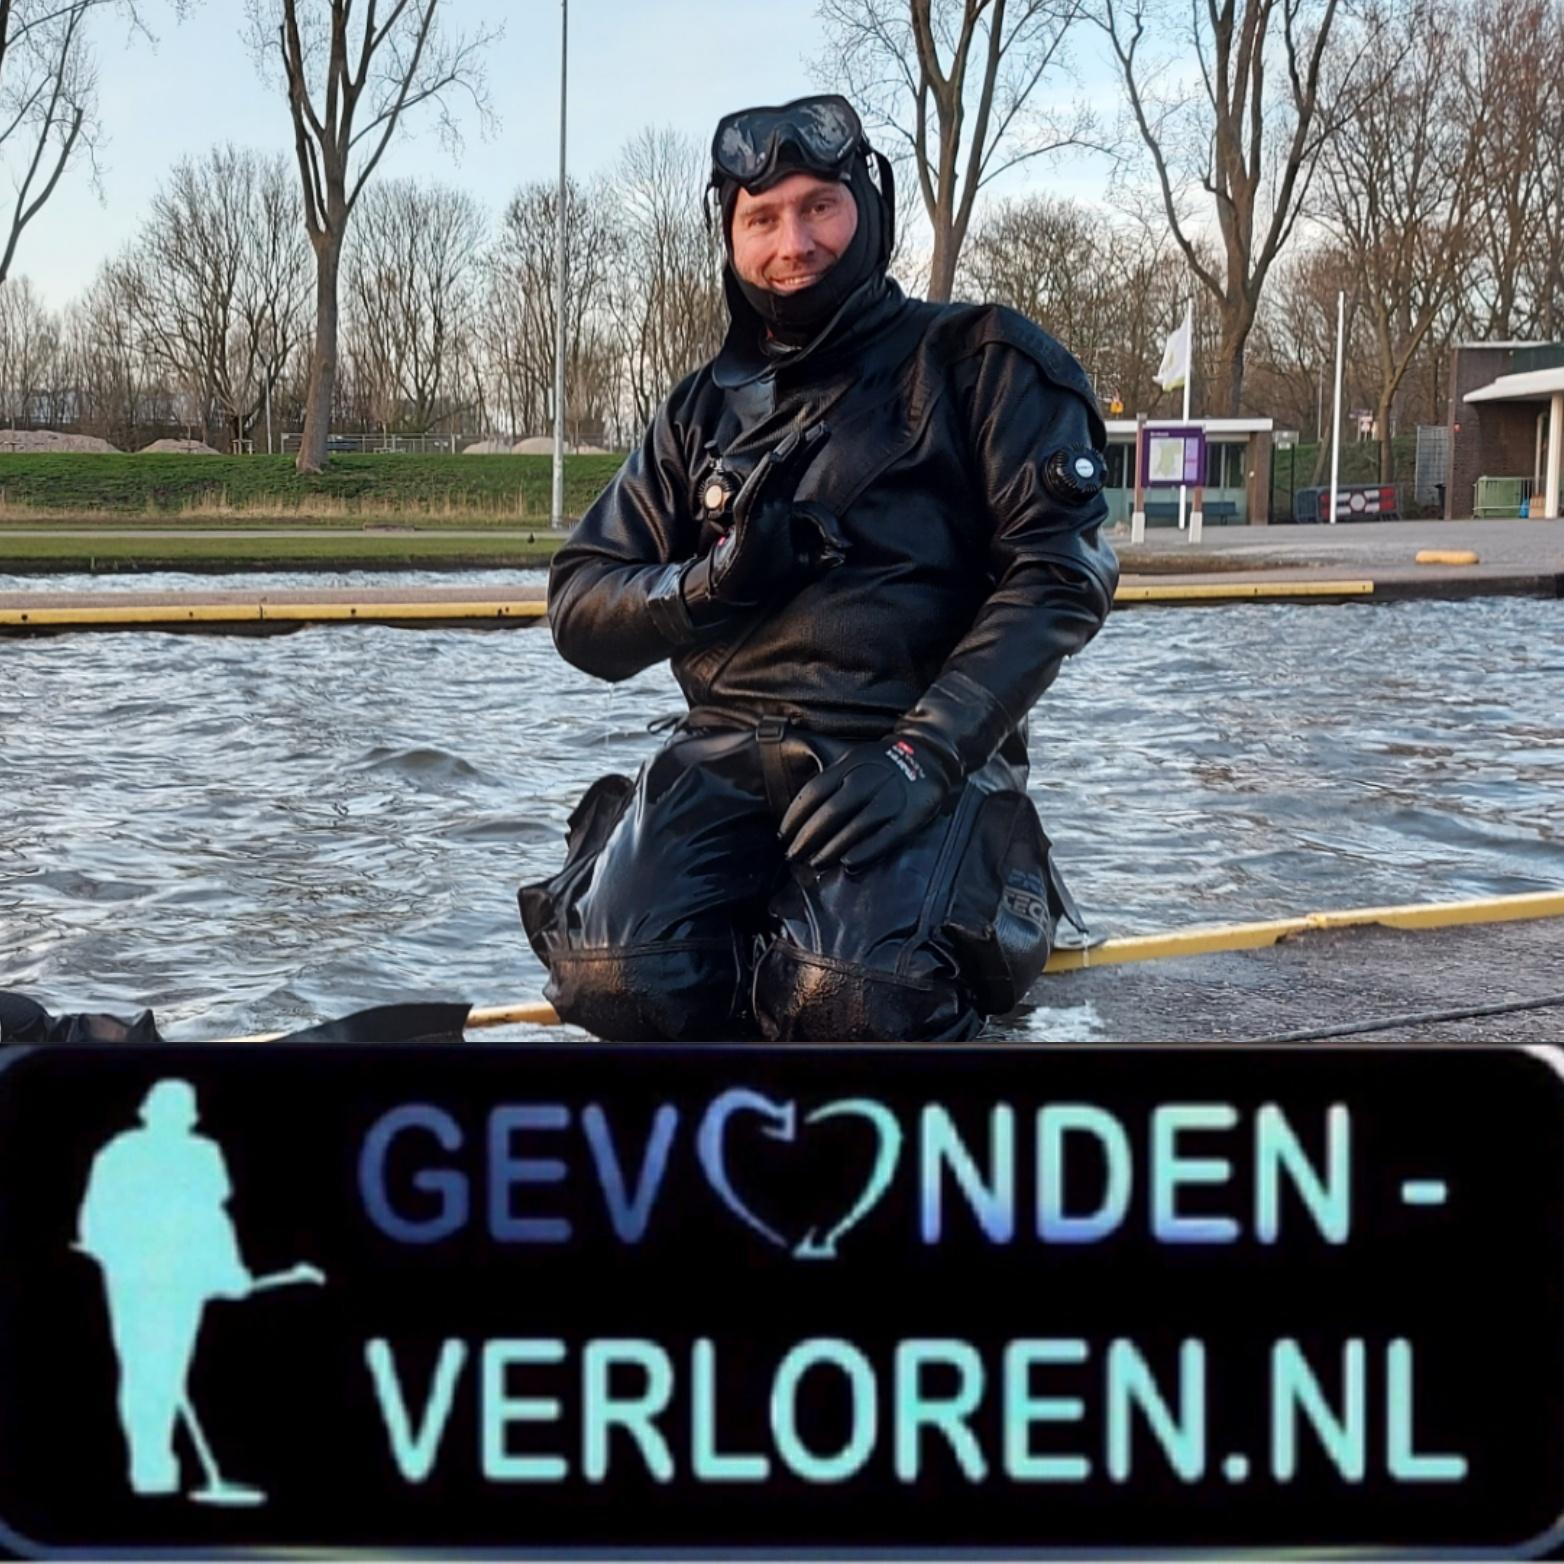 Duiker Martijn Hendriks. Bosbaan Amsterdam. Telefoon gevonden. Telefoon verloren